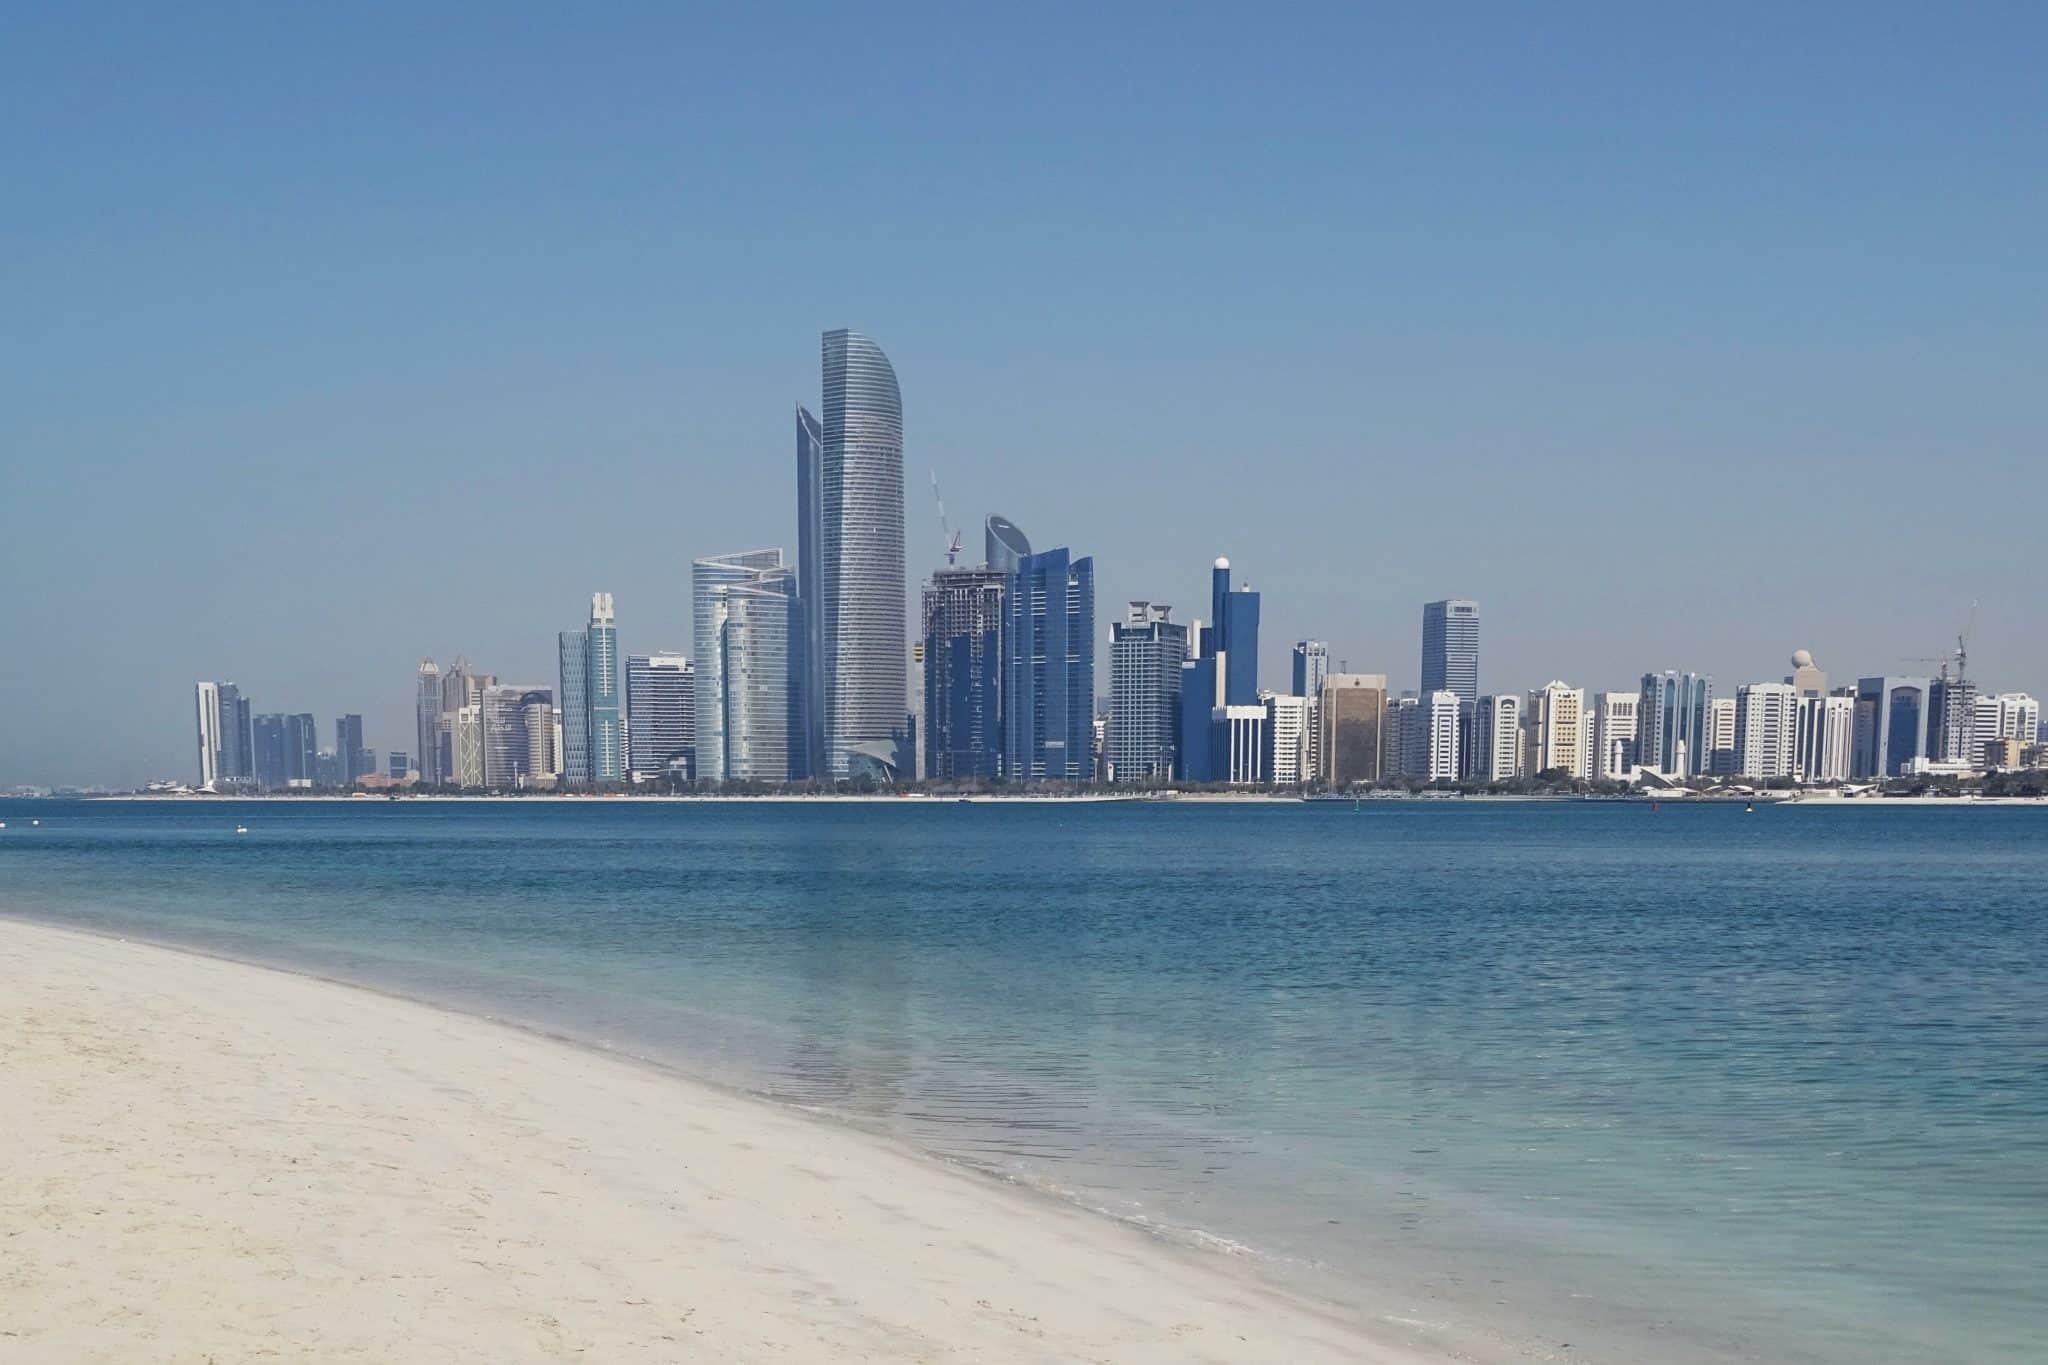 Abu Dhabi beach and city skyline